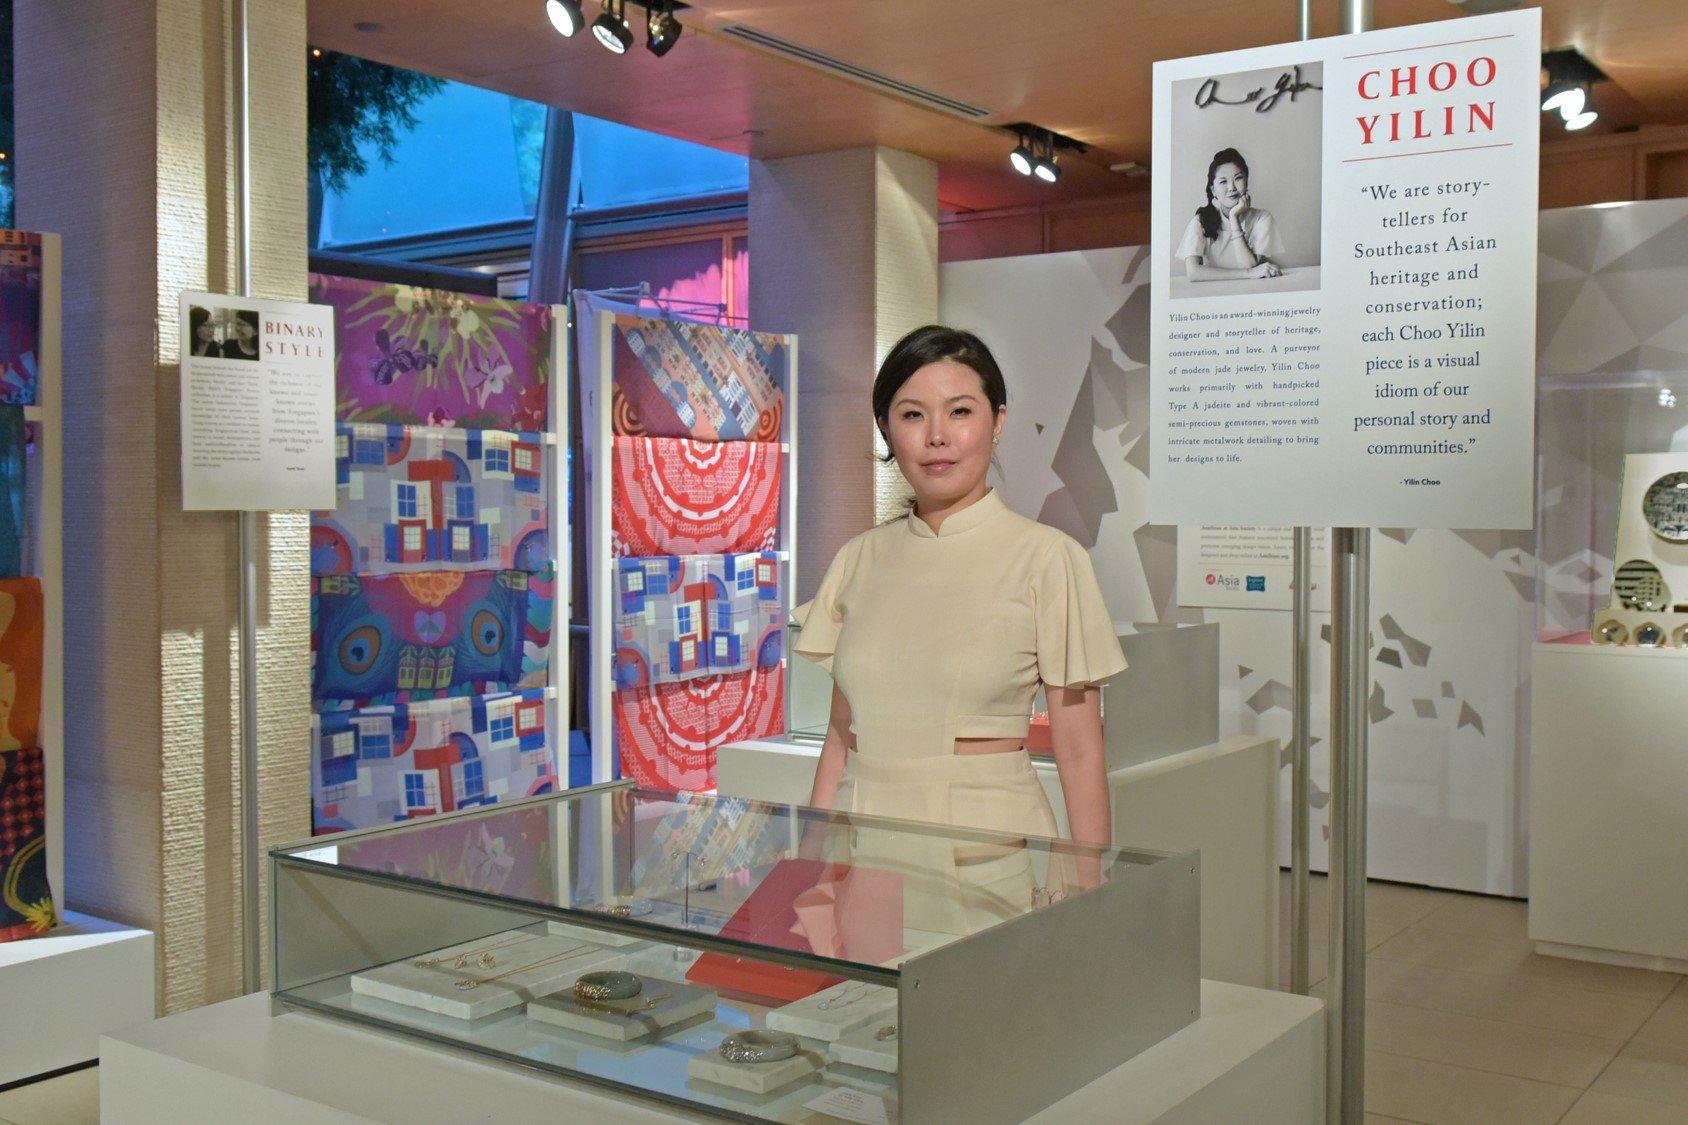 Choo Yilin at Asia Society New York